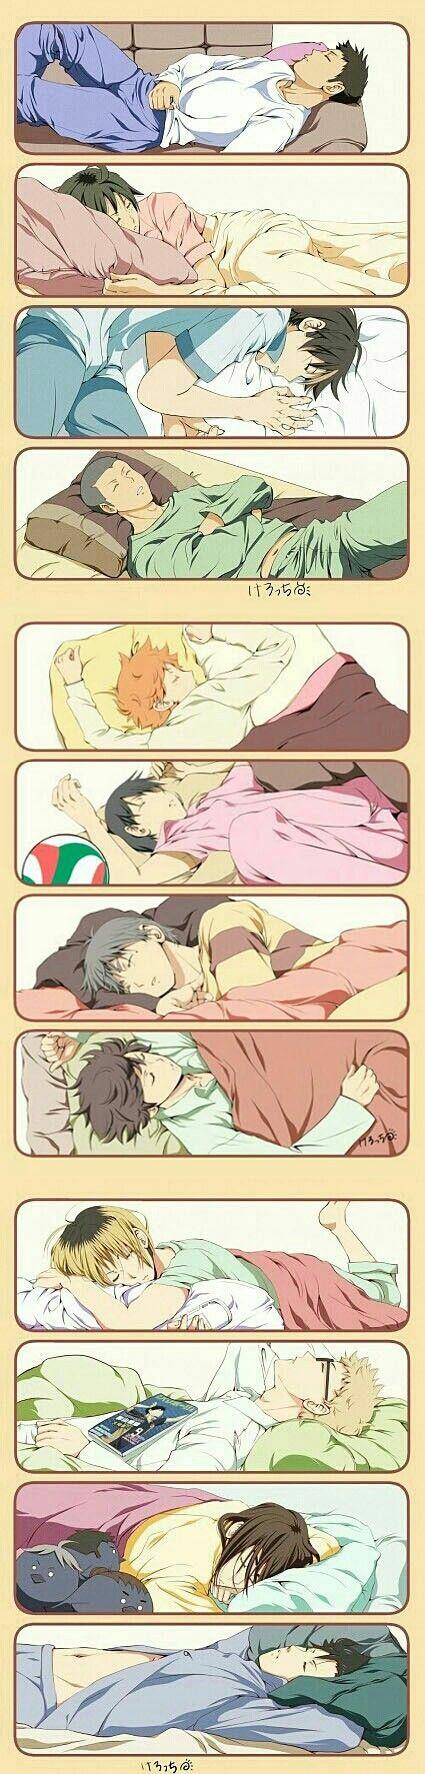 I wanna sleep with Asahi <<< I wanna sleep with all of them